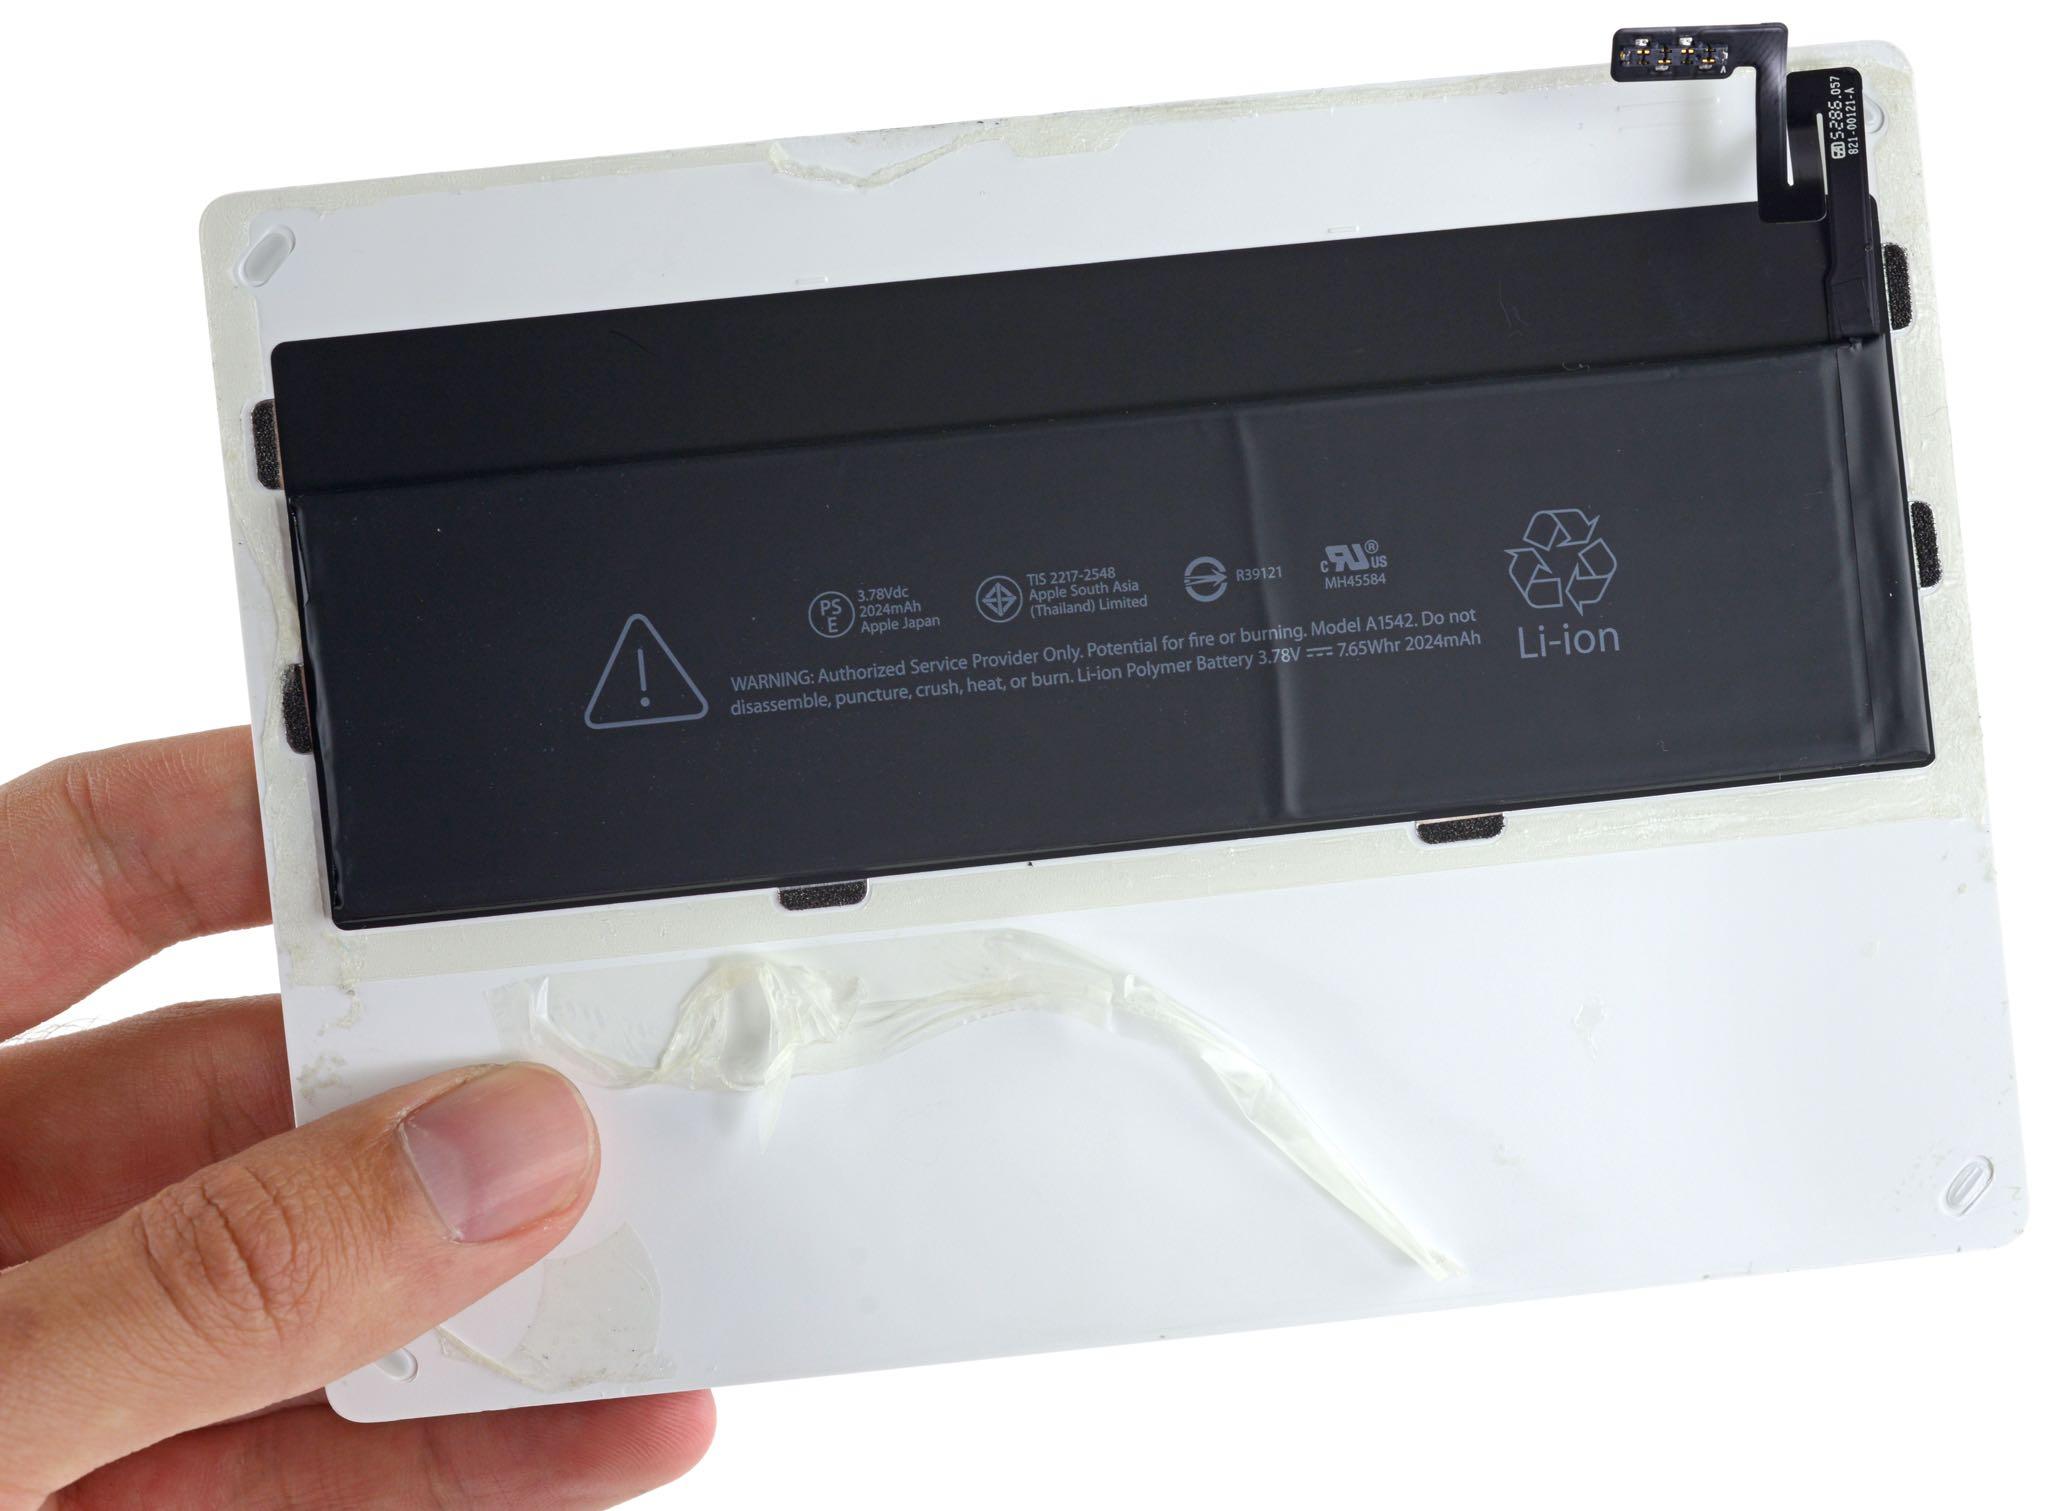 Magic Mouse Trackpad 2 teardown iFixit 003